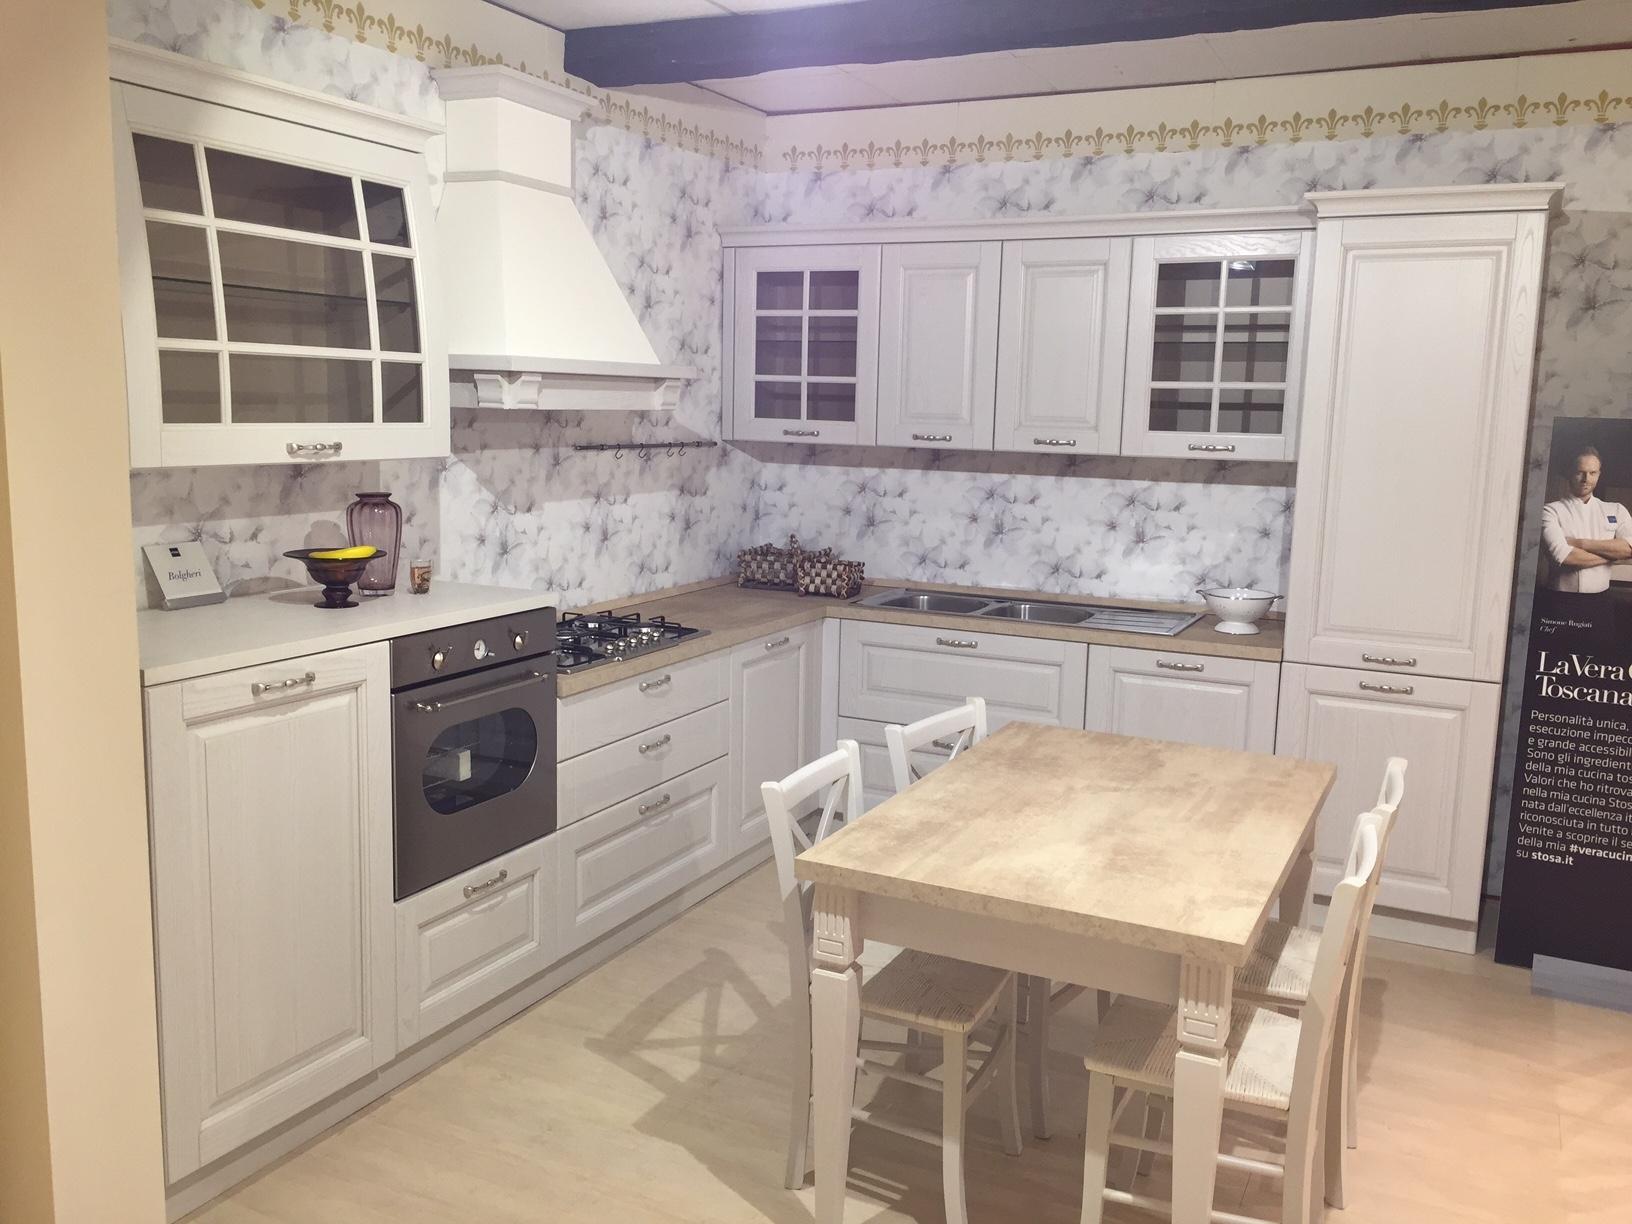 Cucine Arrex Prezzi - Idee per la decorazione di interni - coremc.us